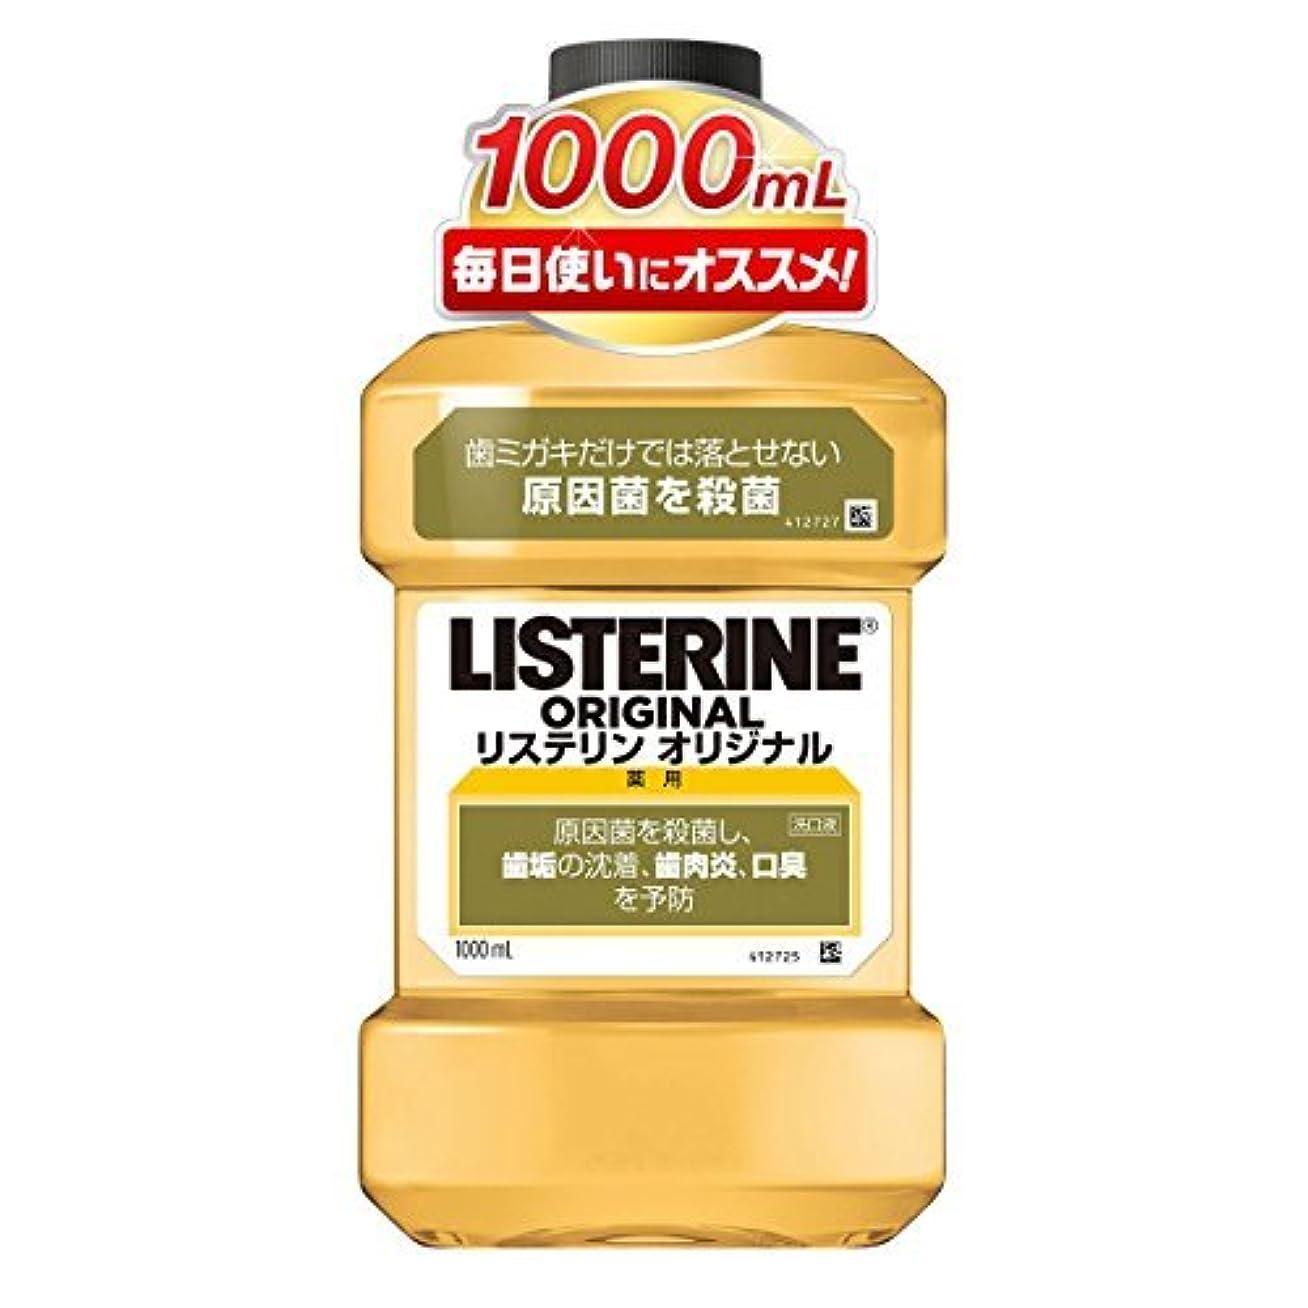 宮殿テレビカストディアン薬用リステリン オリジナル 1000ml ×6個セット